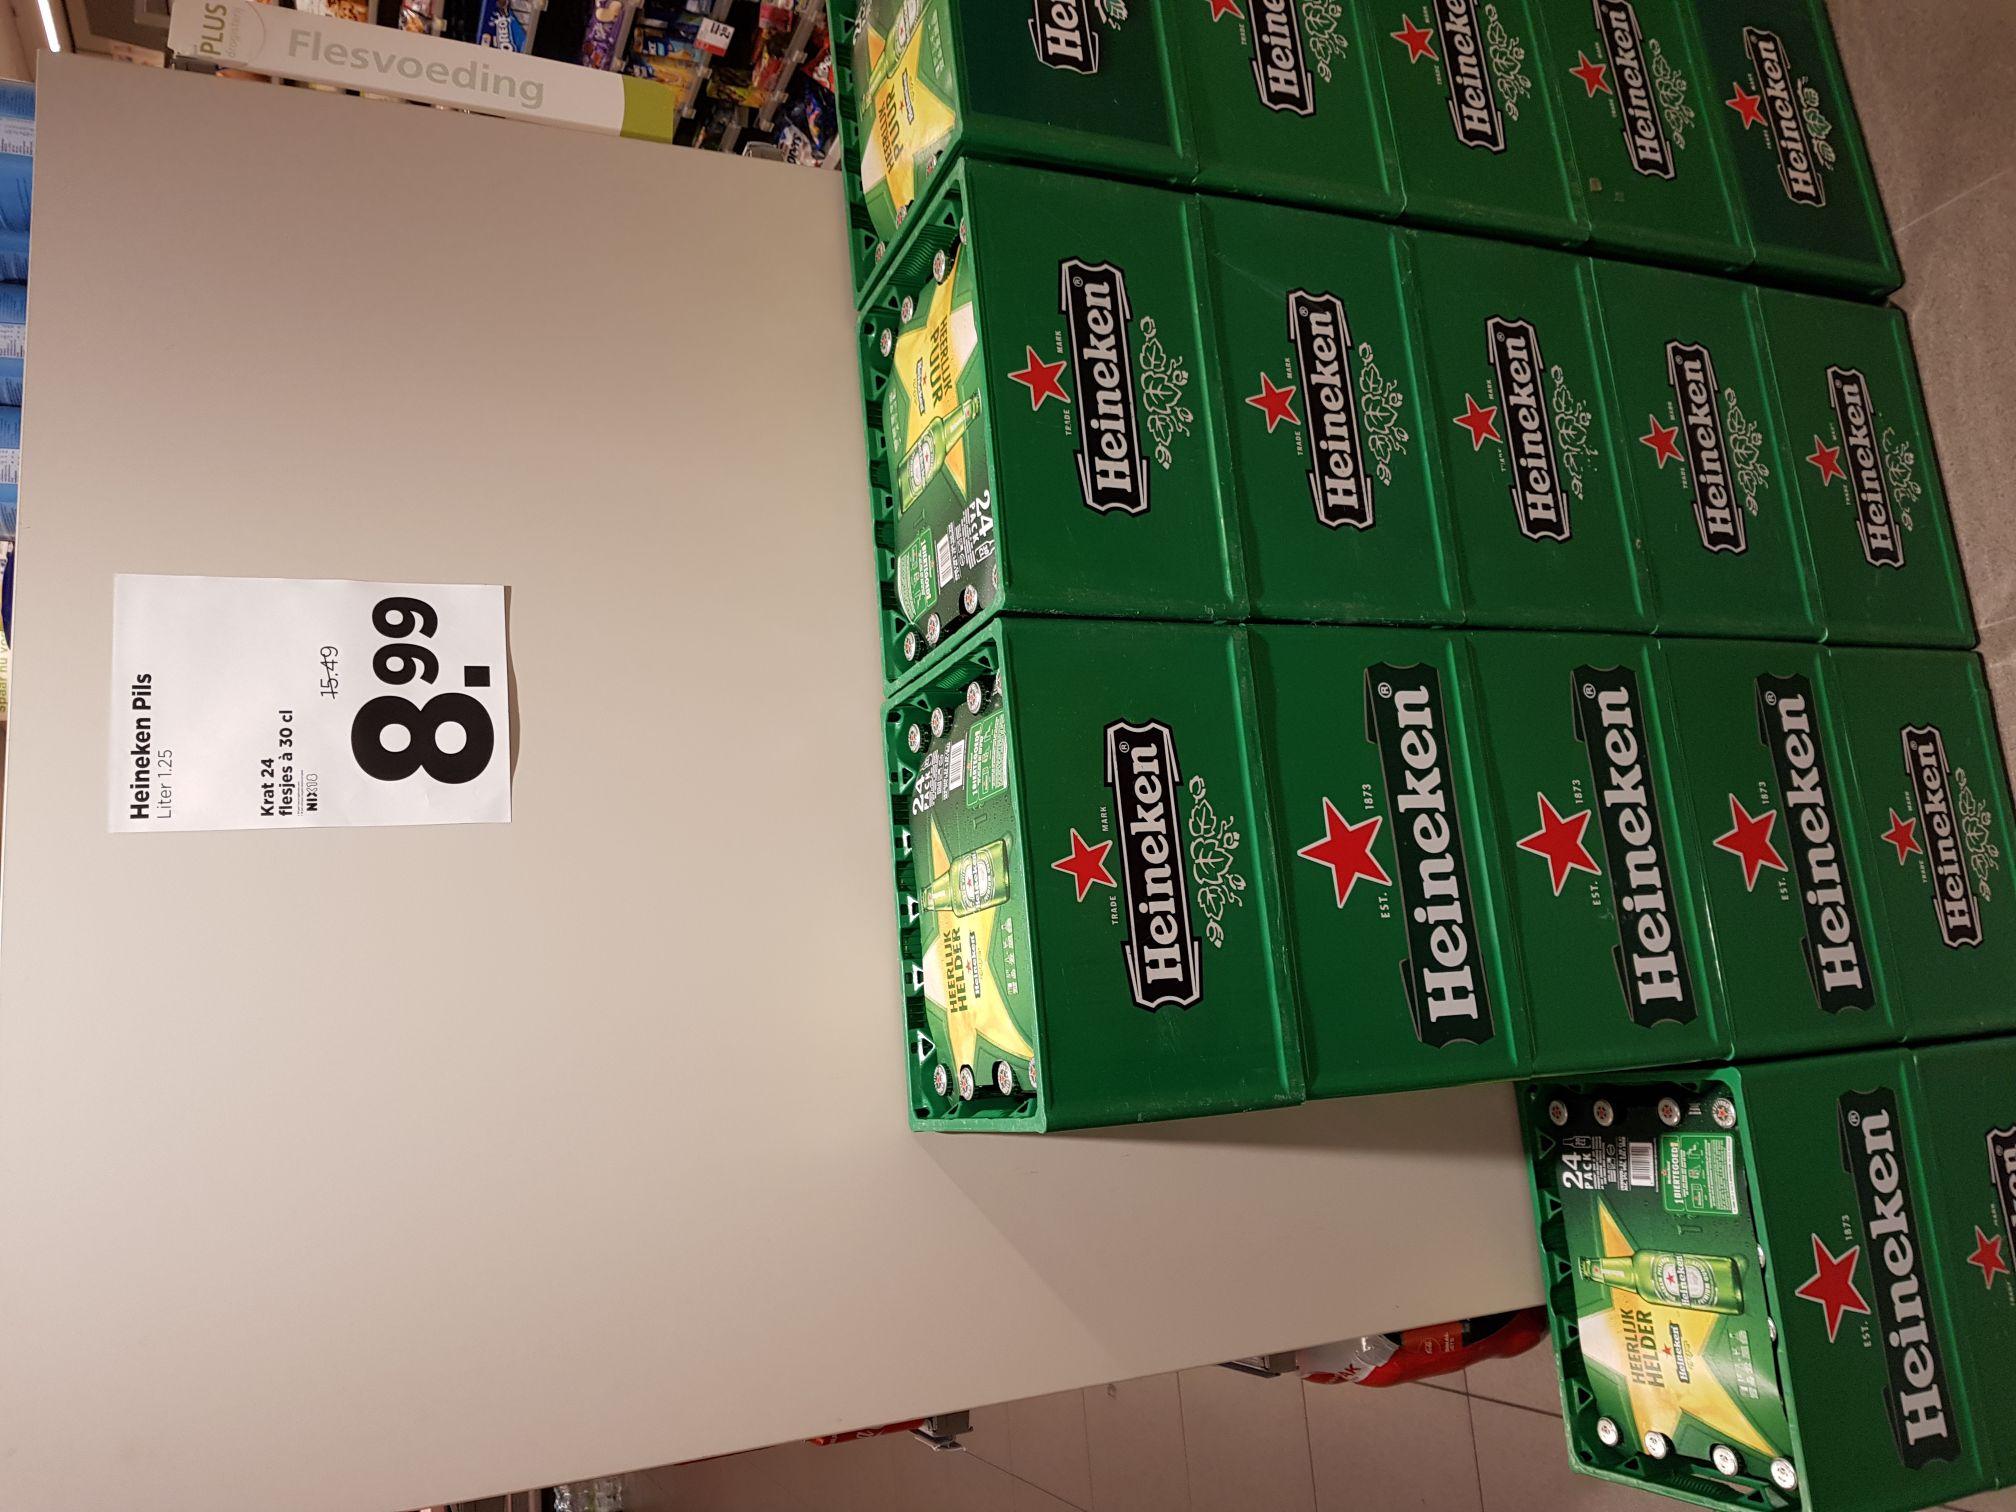 [Grenzgänger Niederlande] Heineken 24 x 0,3L für nur 8,99 Euro bei Plus